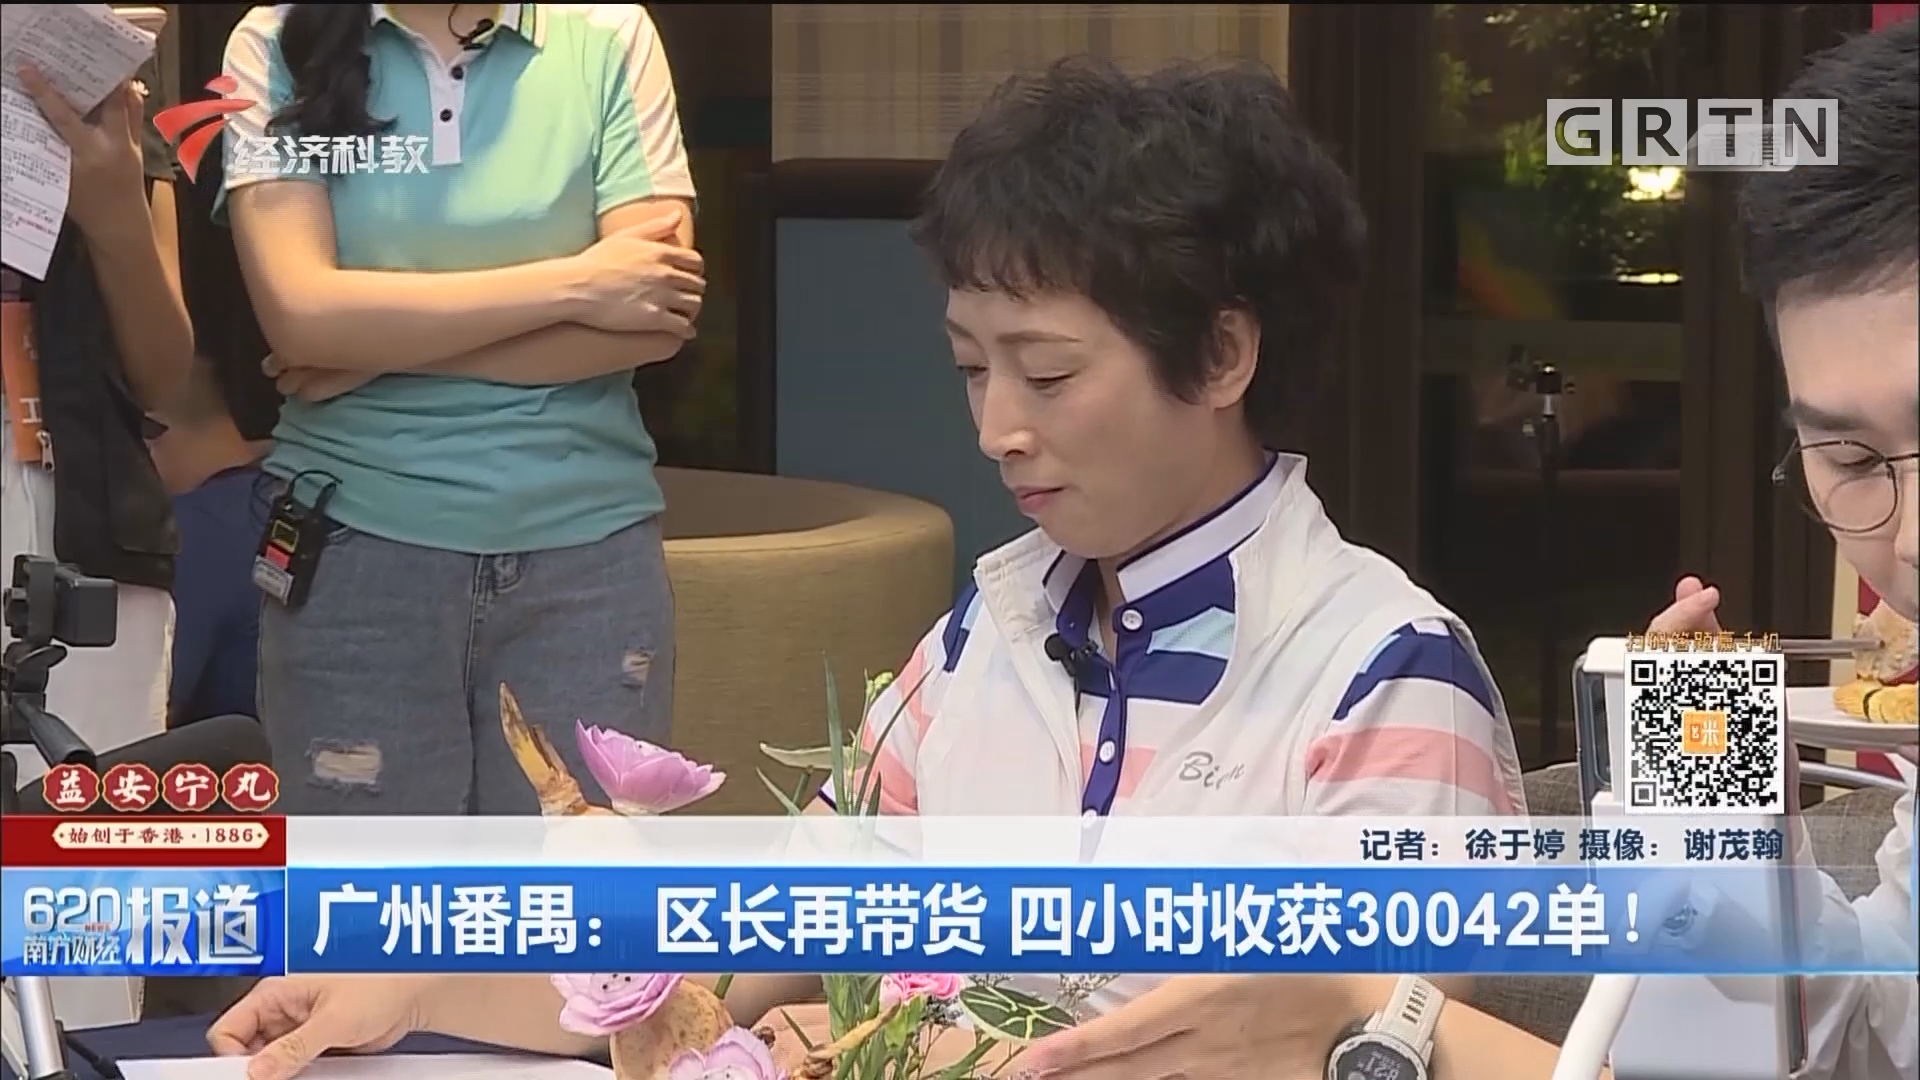 廣州番禺:區長再帶貨 四小時收獲30042單!